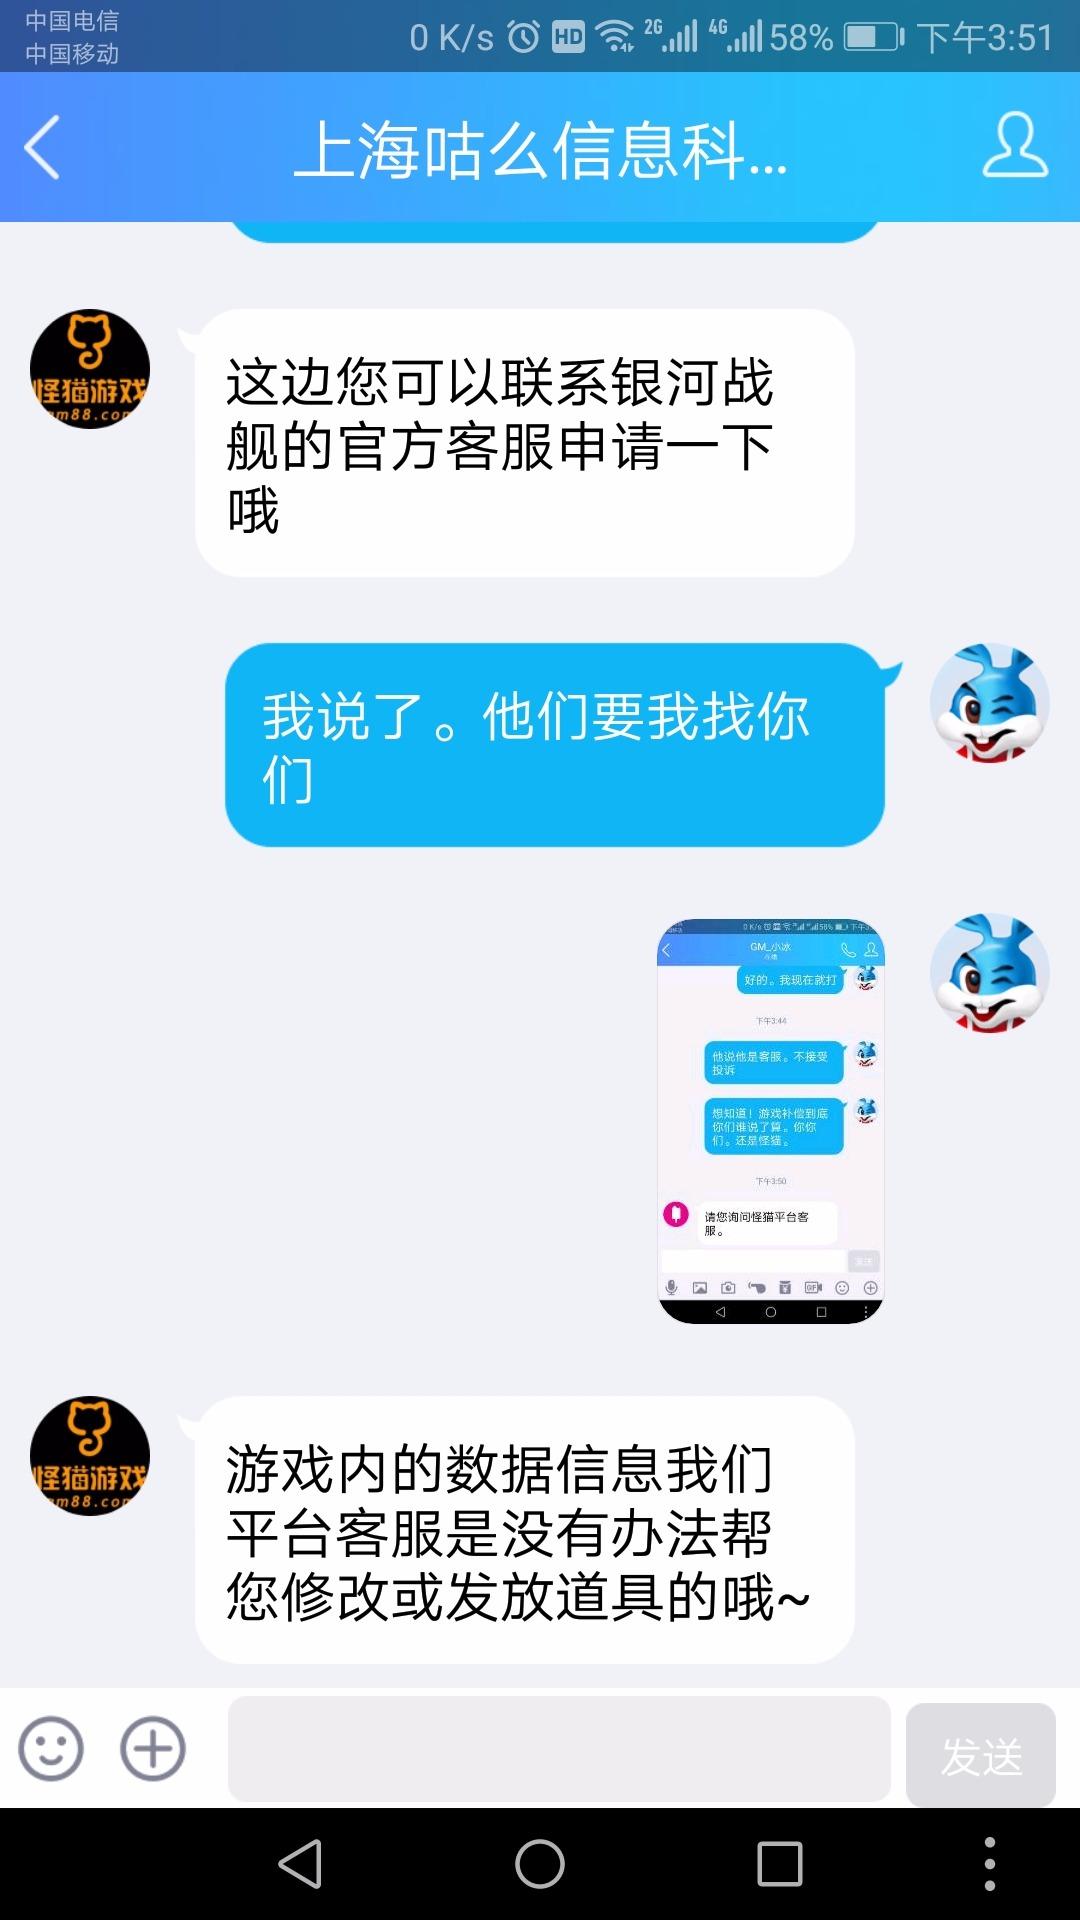 Screenshot_20180731-155154.jpg